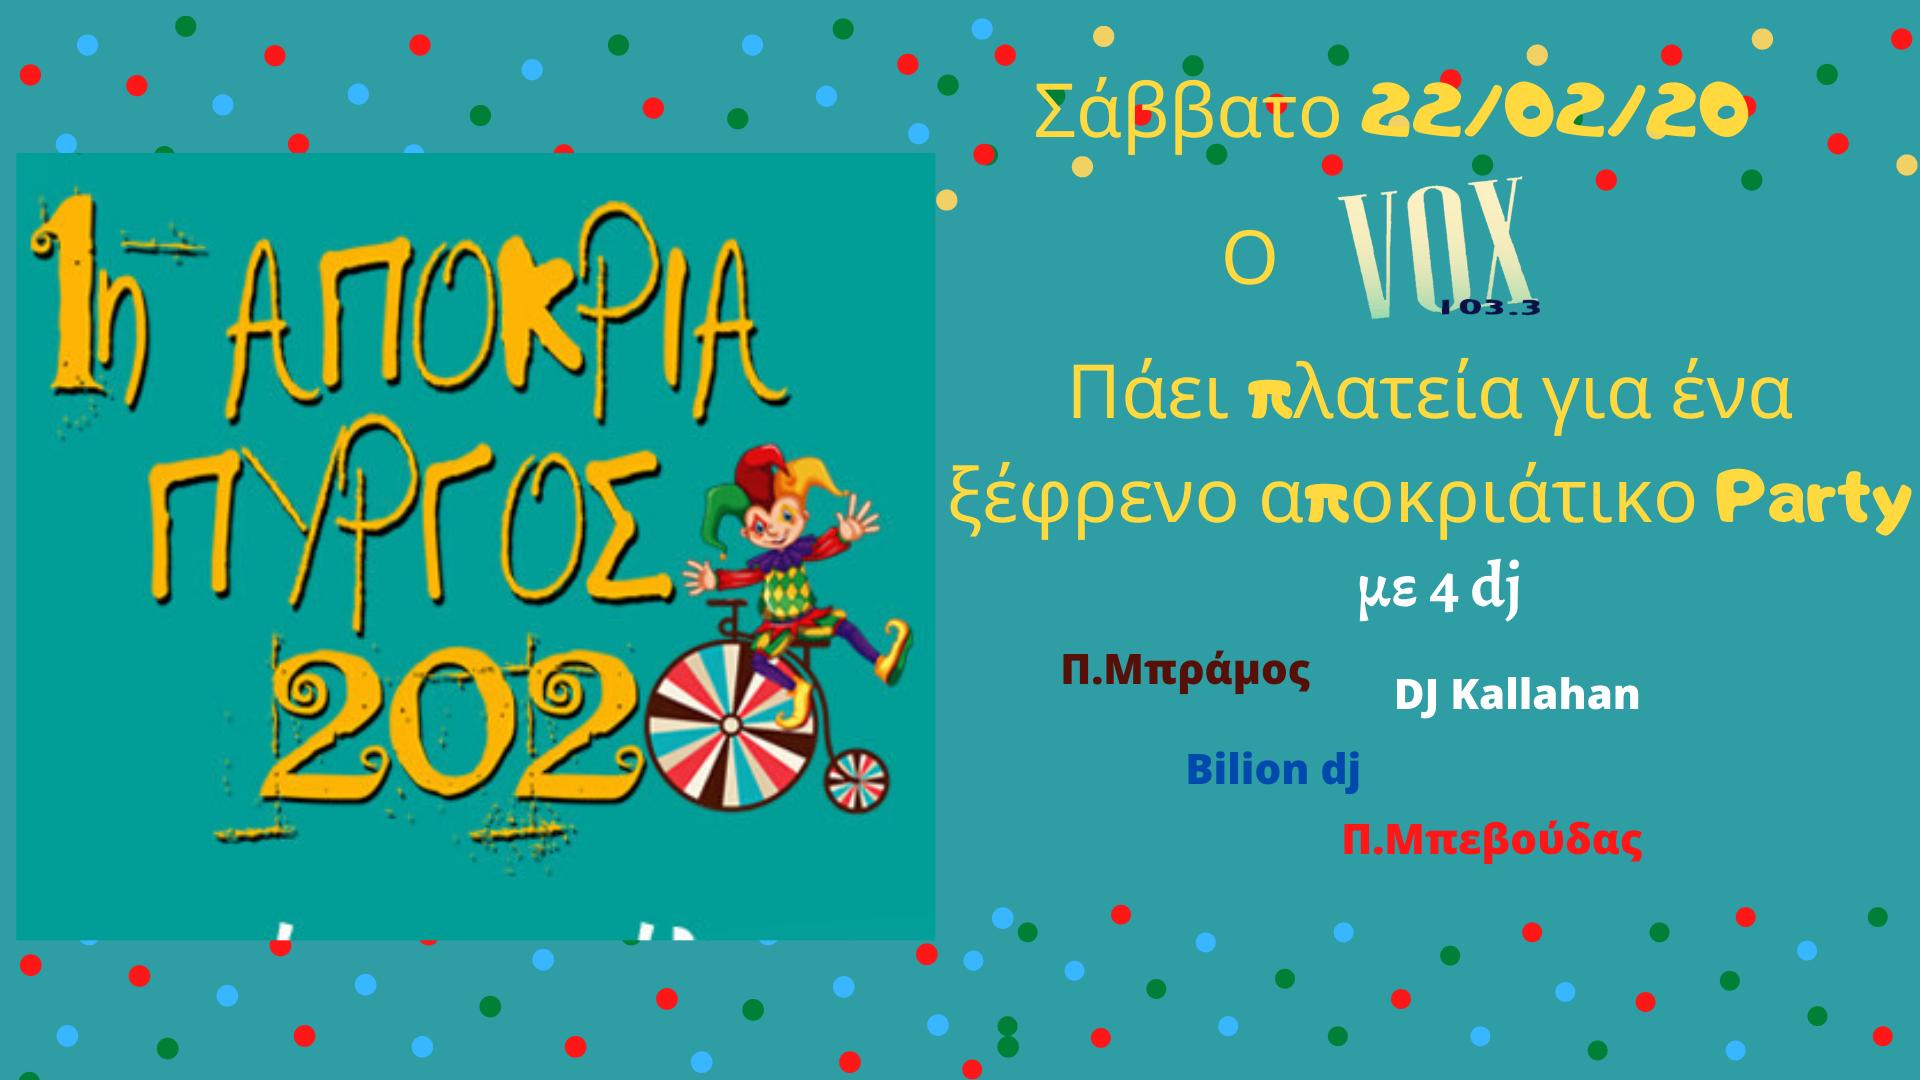 1η Αποκριά Πύργος 2020: Ας αρχίσει το πάρτι το Σάββατο 22/02 στην Κεντρική Πλατεία- 4 γνωστοί και αγαπημένοι dj-ραδιοφωνικοί παραγωγοί του VOX 103,3 θα μας παρασύρουν σε χορό με τις μουσικές τους - Στο πάρτι και οι Σχολές Χορού του Πύργου με χορογραφίες